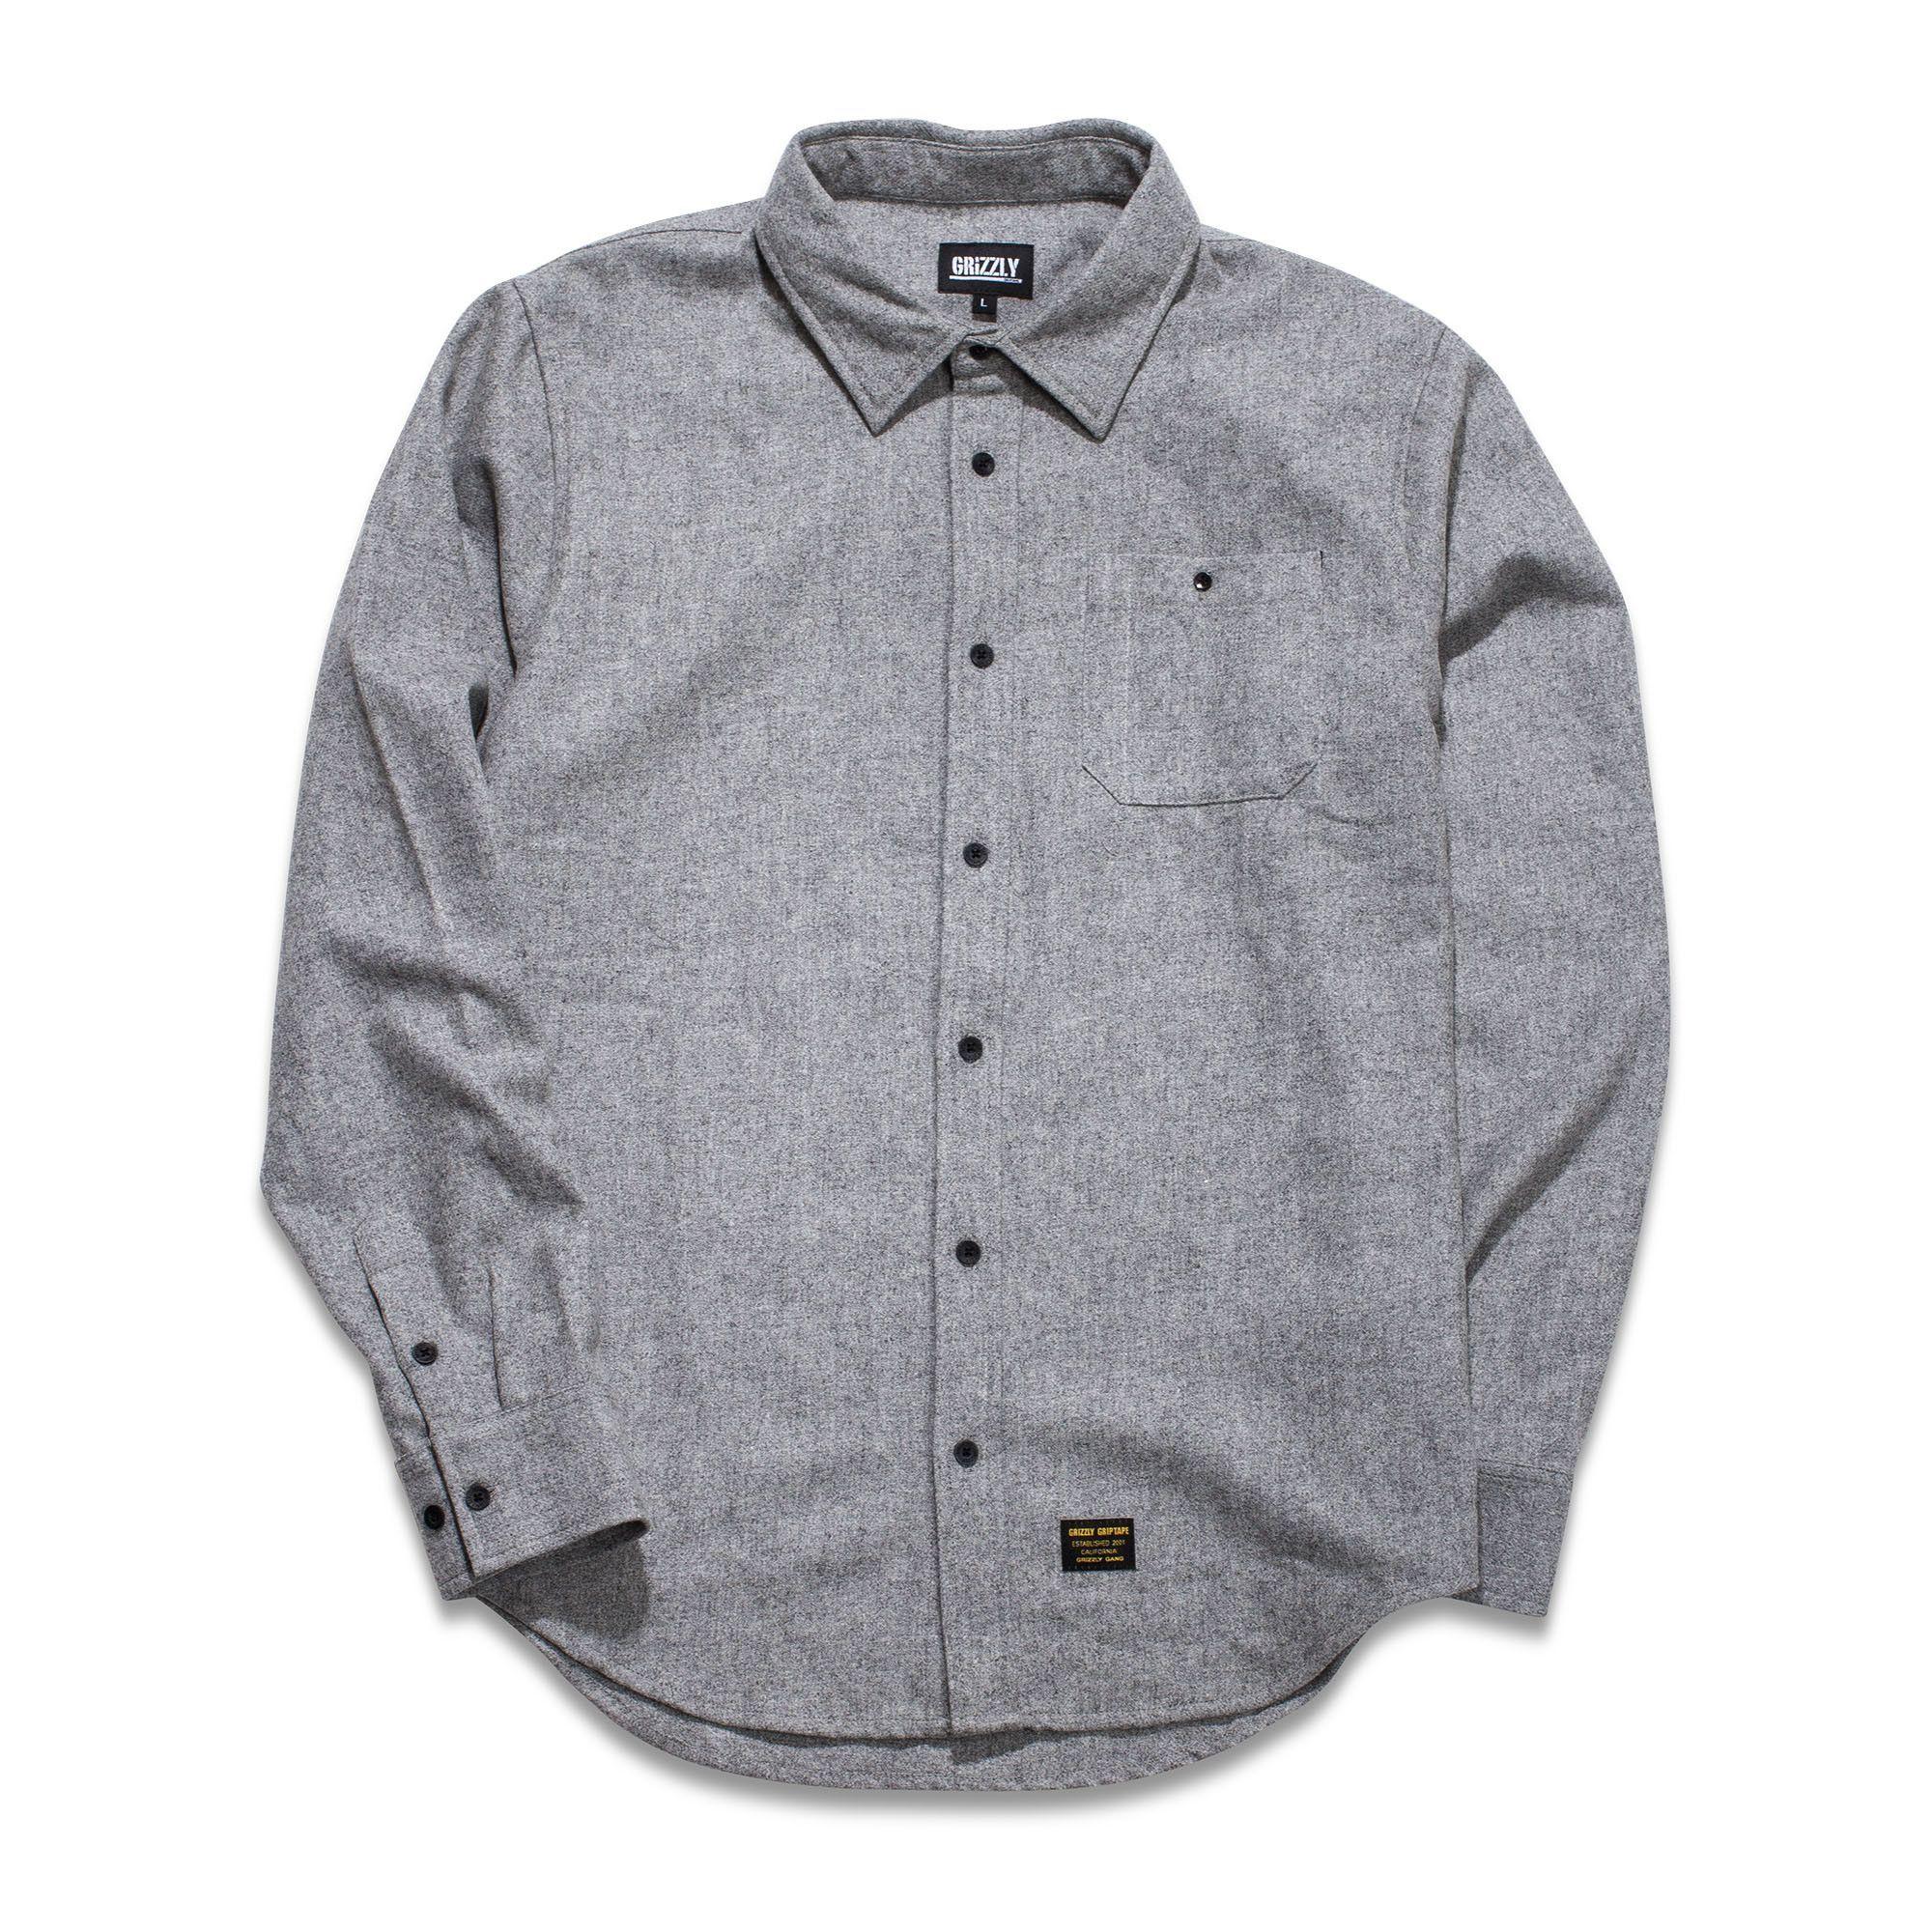 Established L/S Button Up Shirt